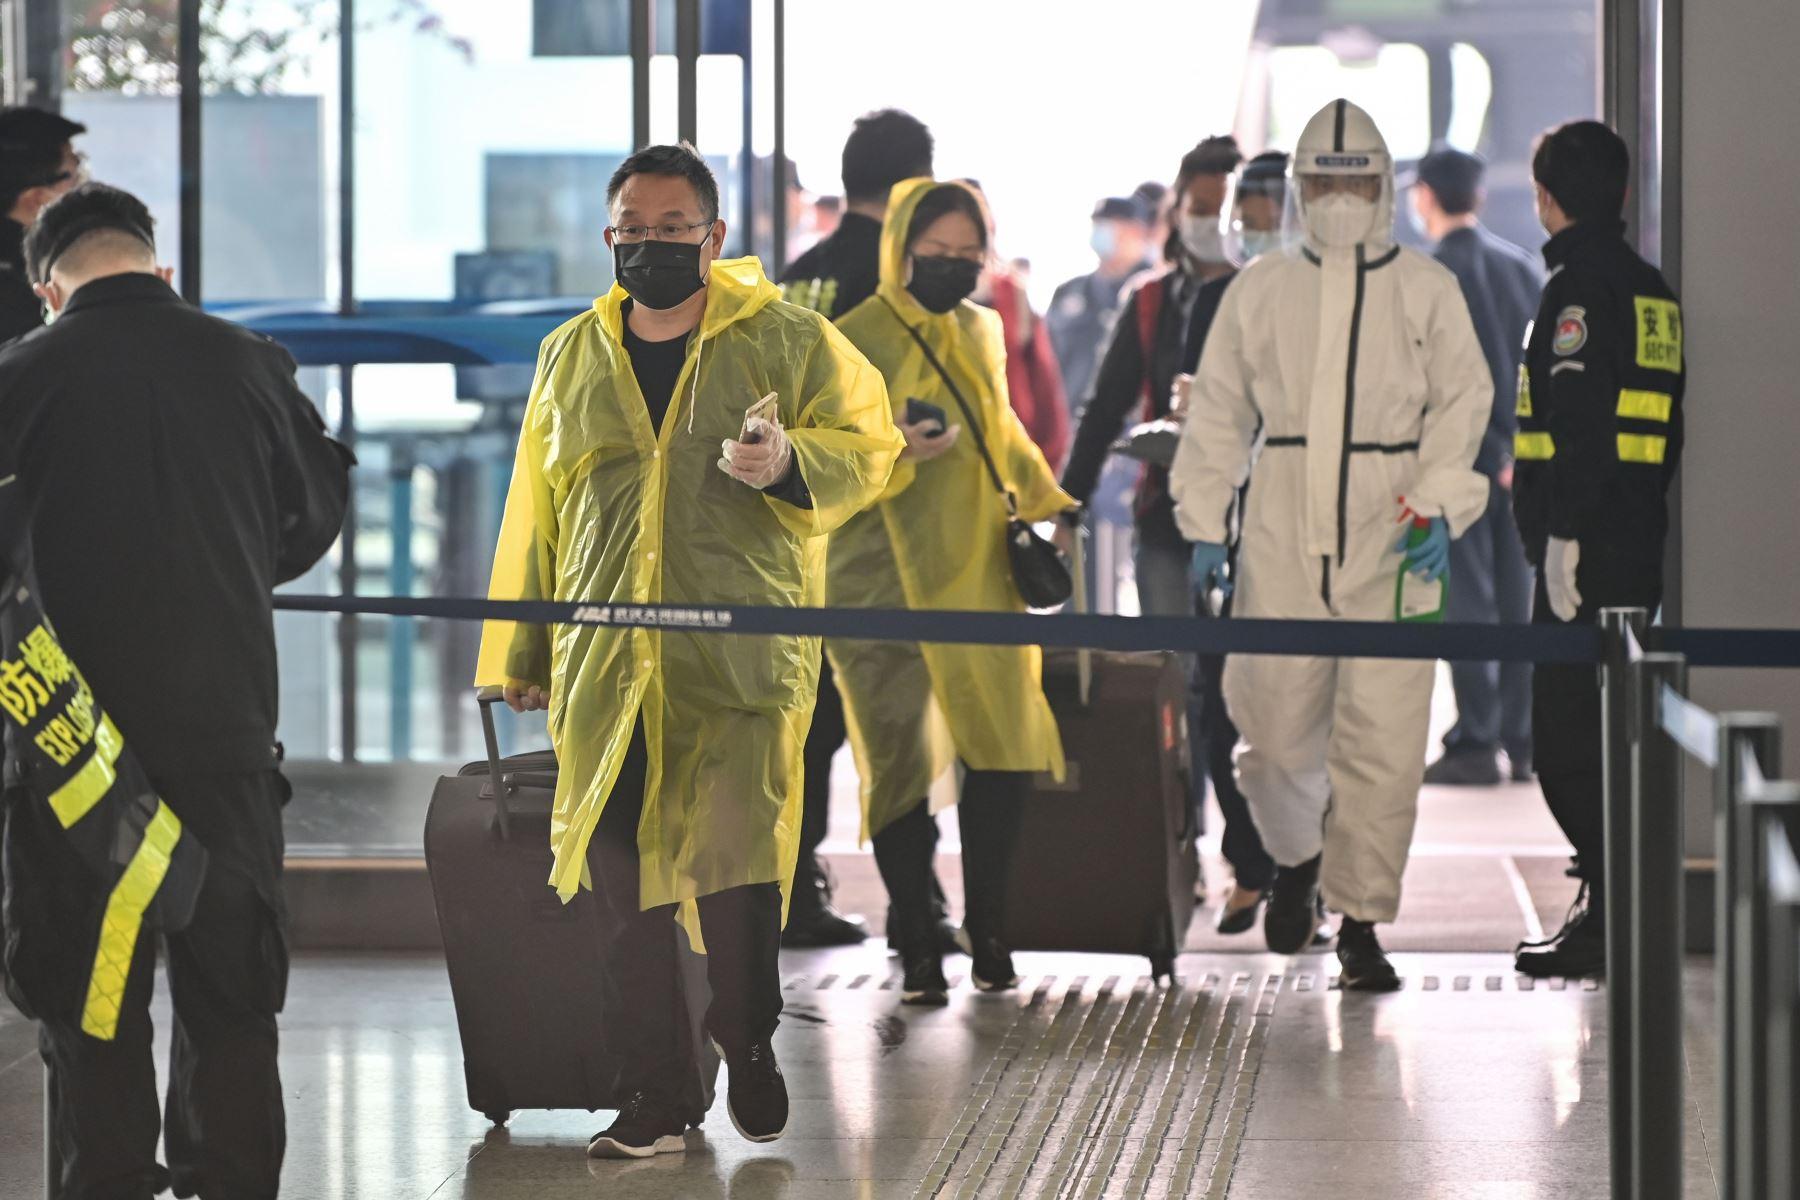 Los pasajeros que usan equipo de protección llegan al aeropuerto de Tianhe después de su reapertura, en Wuhan, en la provincia central china de Hubei. Foto: AFP